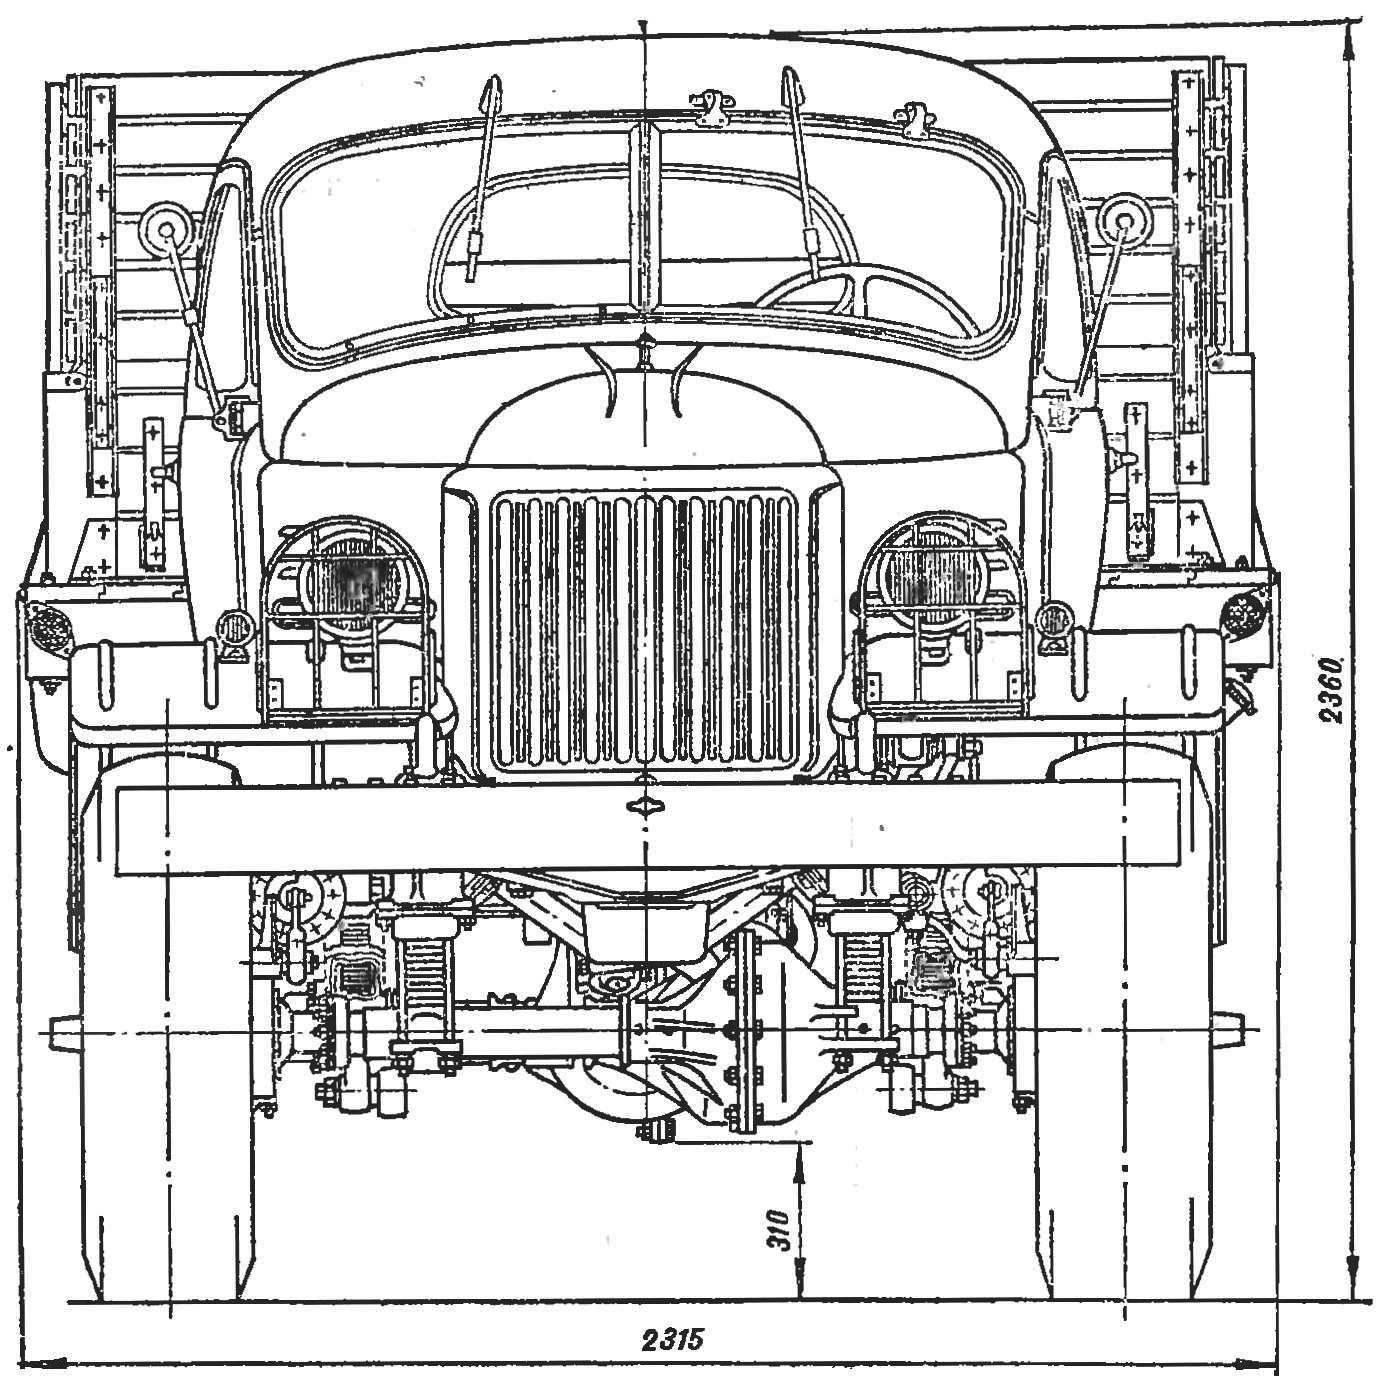 Автомобиль ЗИЛ-157 (вид спереди).